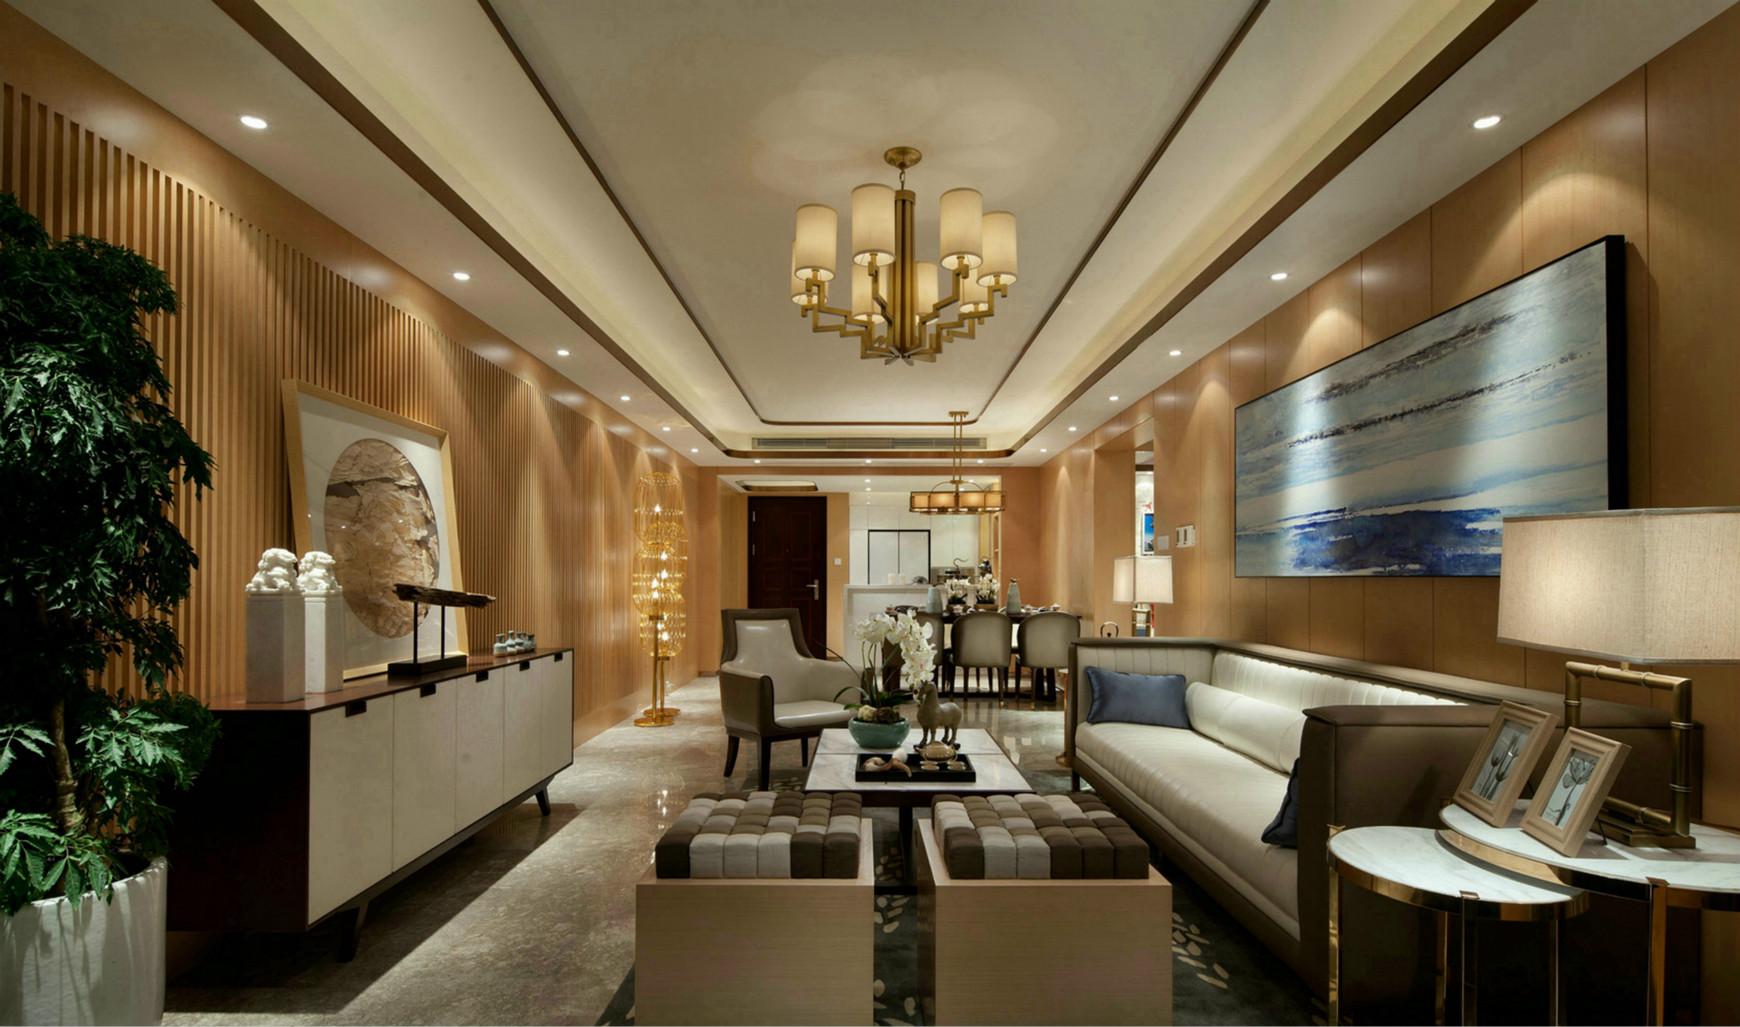 客厅墙面简洁,既透露着浓厚的自然气息,又体现出巧夺天工的精细。